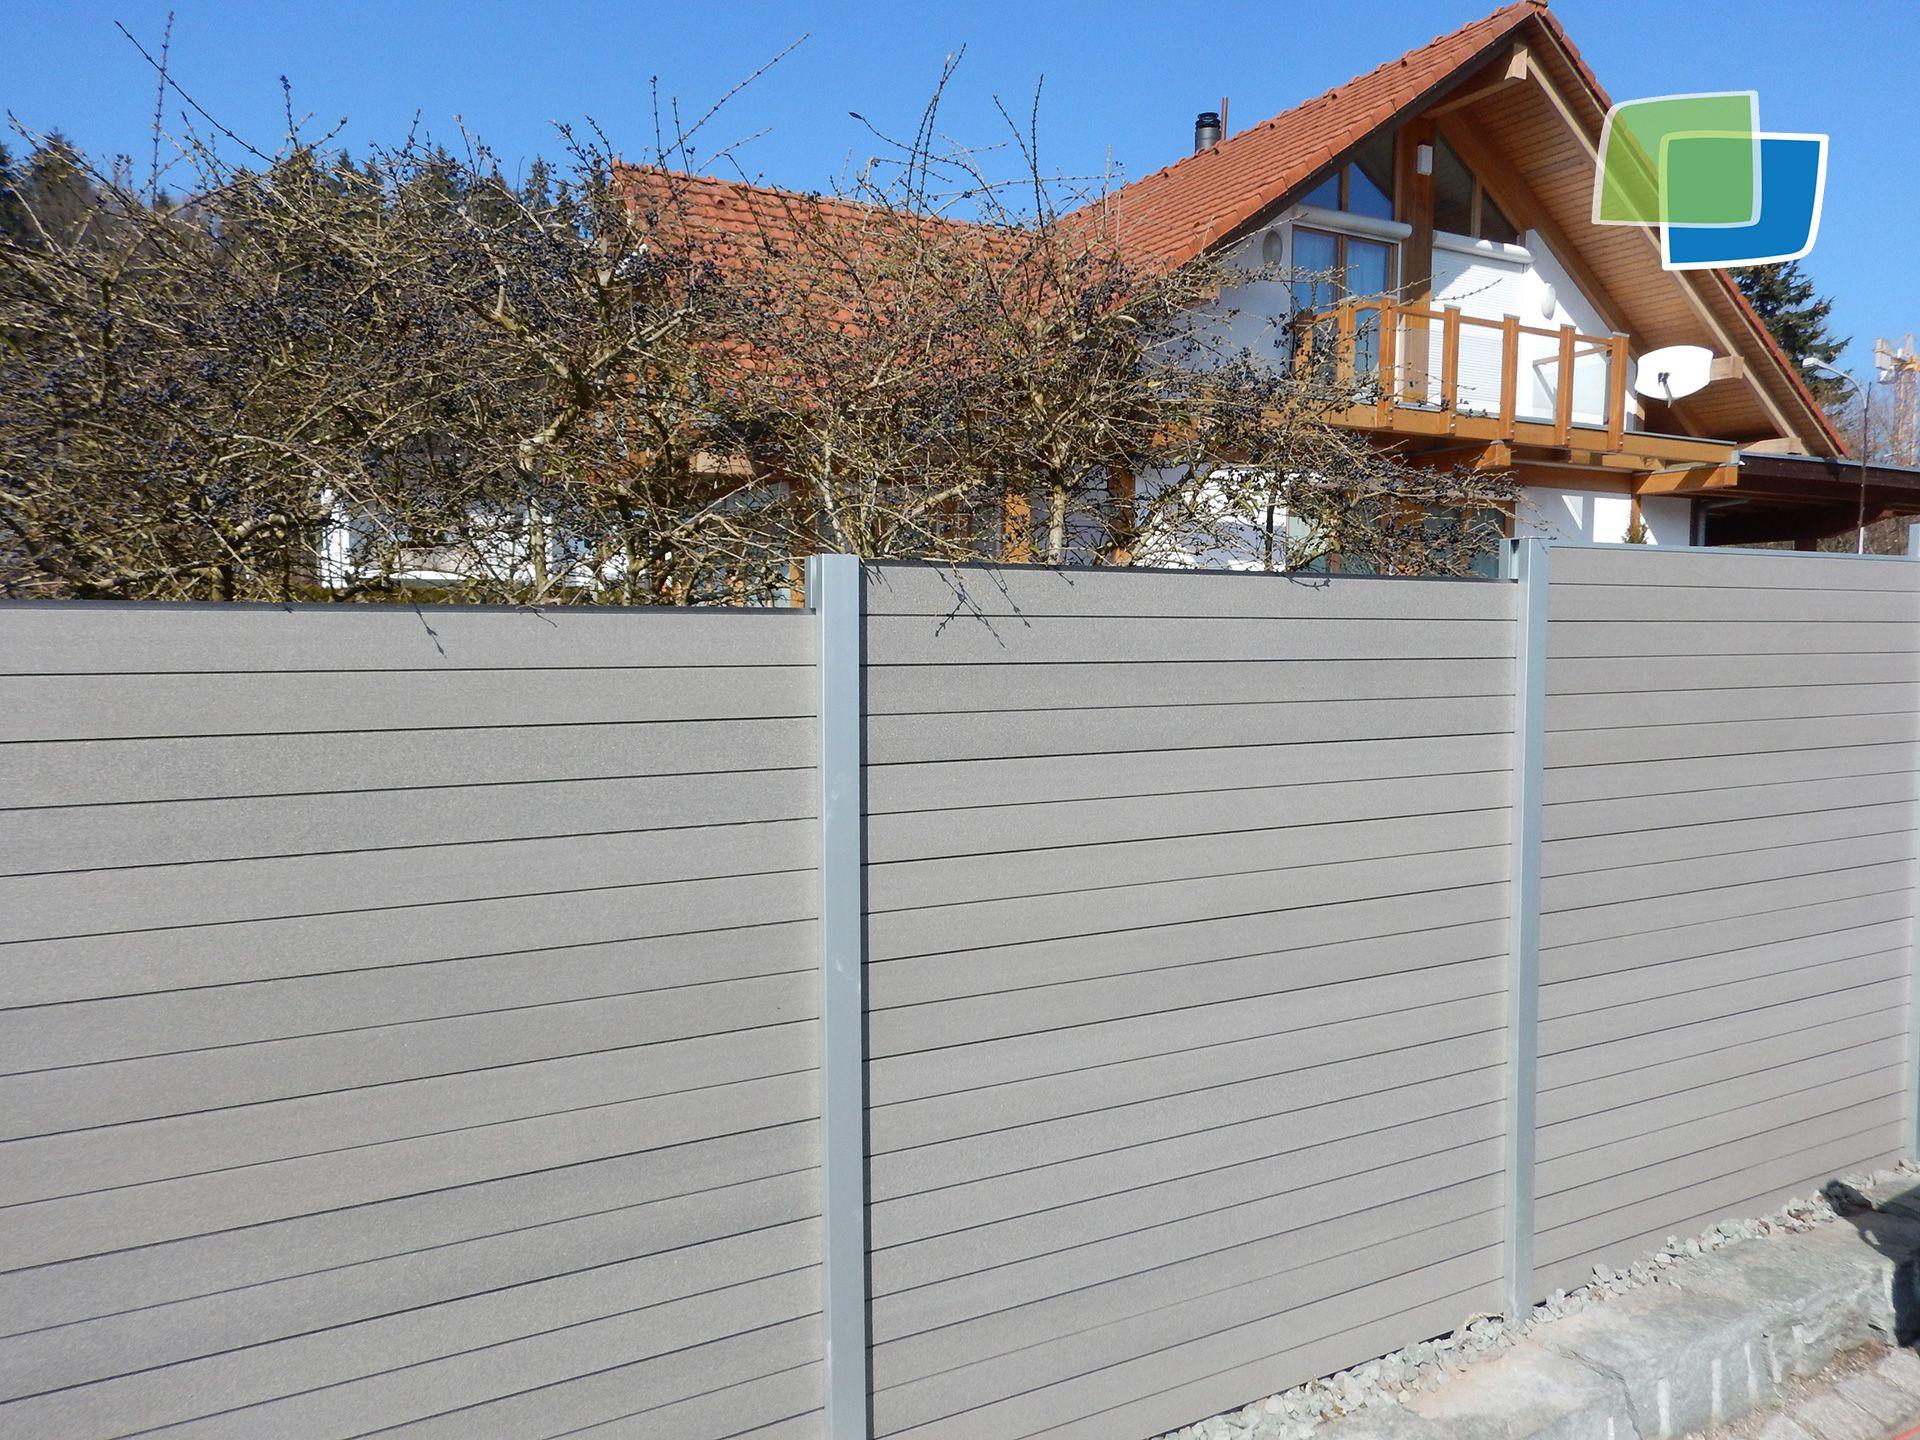 Wpc Sichtschutz Mit Aluminiumpfosten Sichtschutz Garten